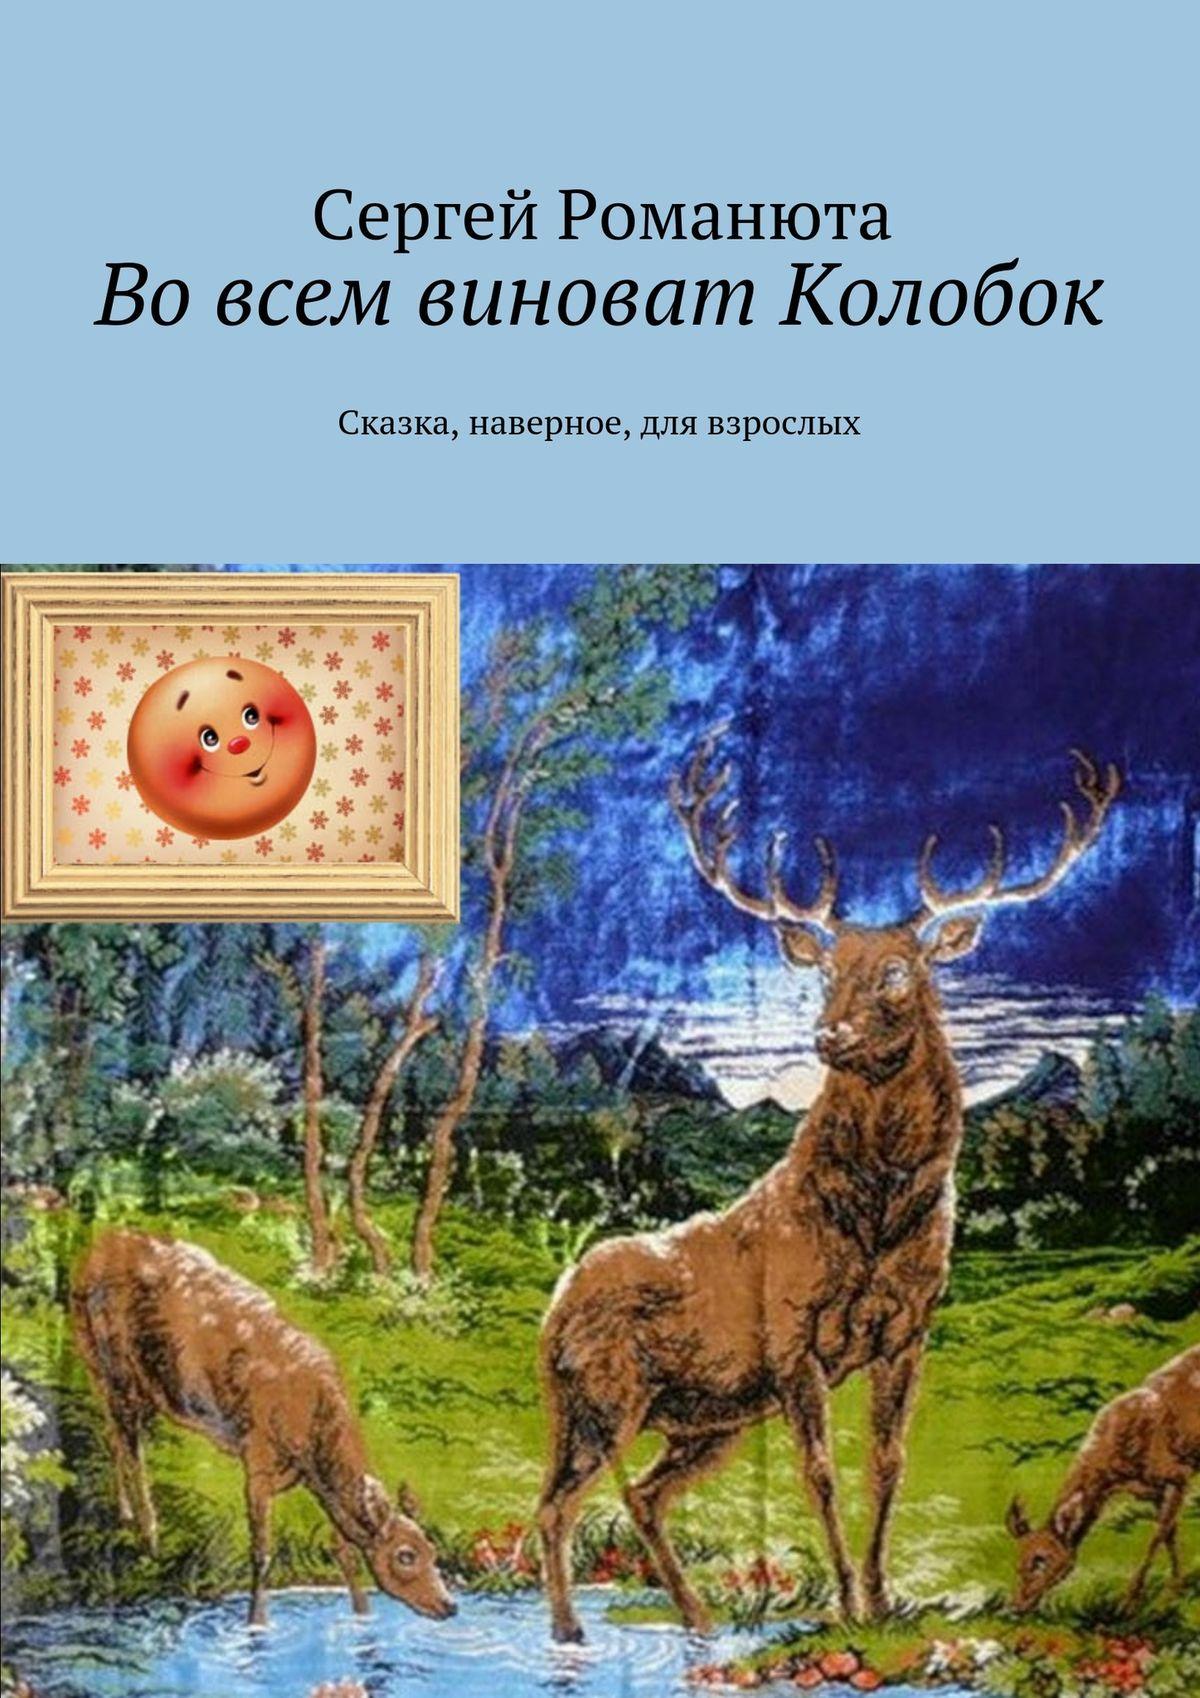 Сергей Романюта Во всем виноват Колобок